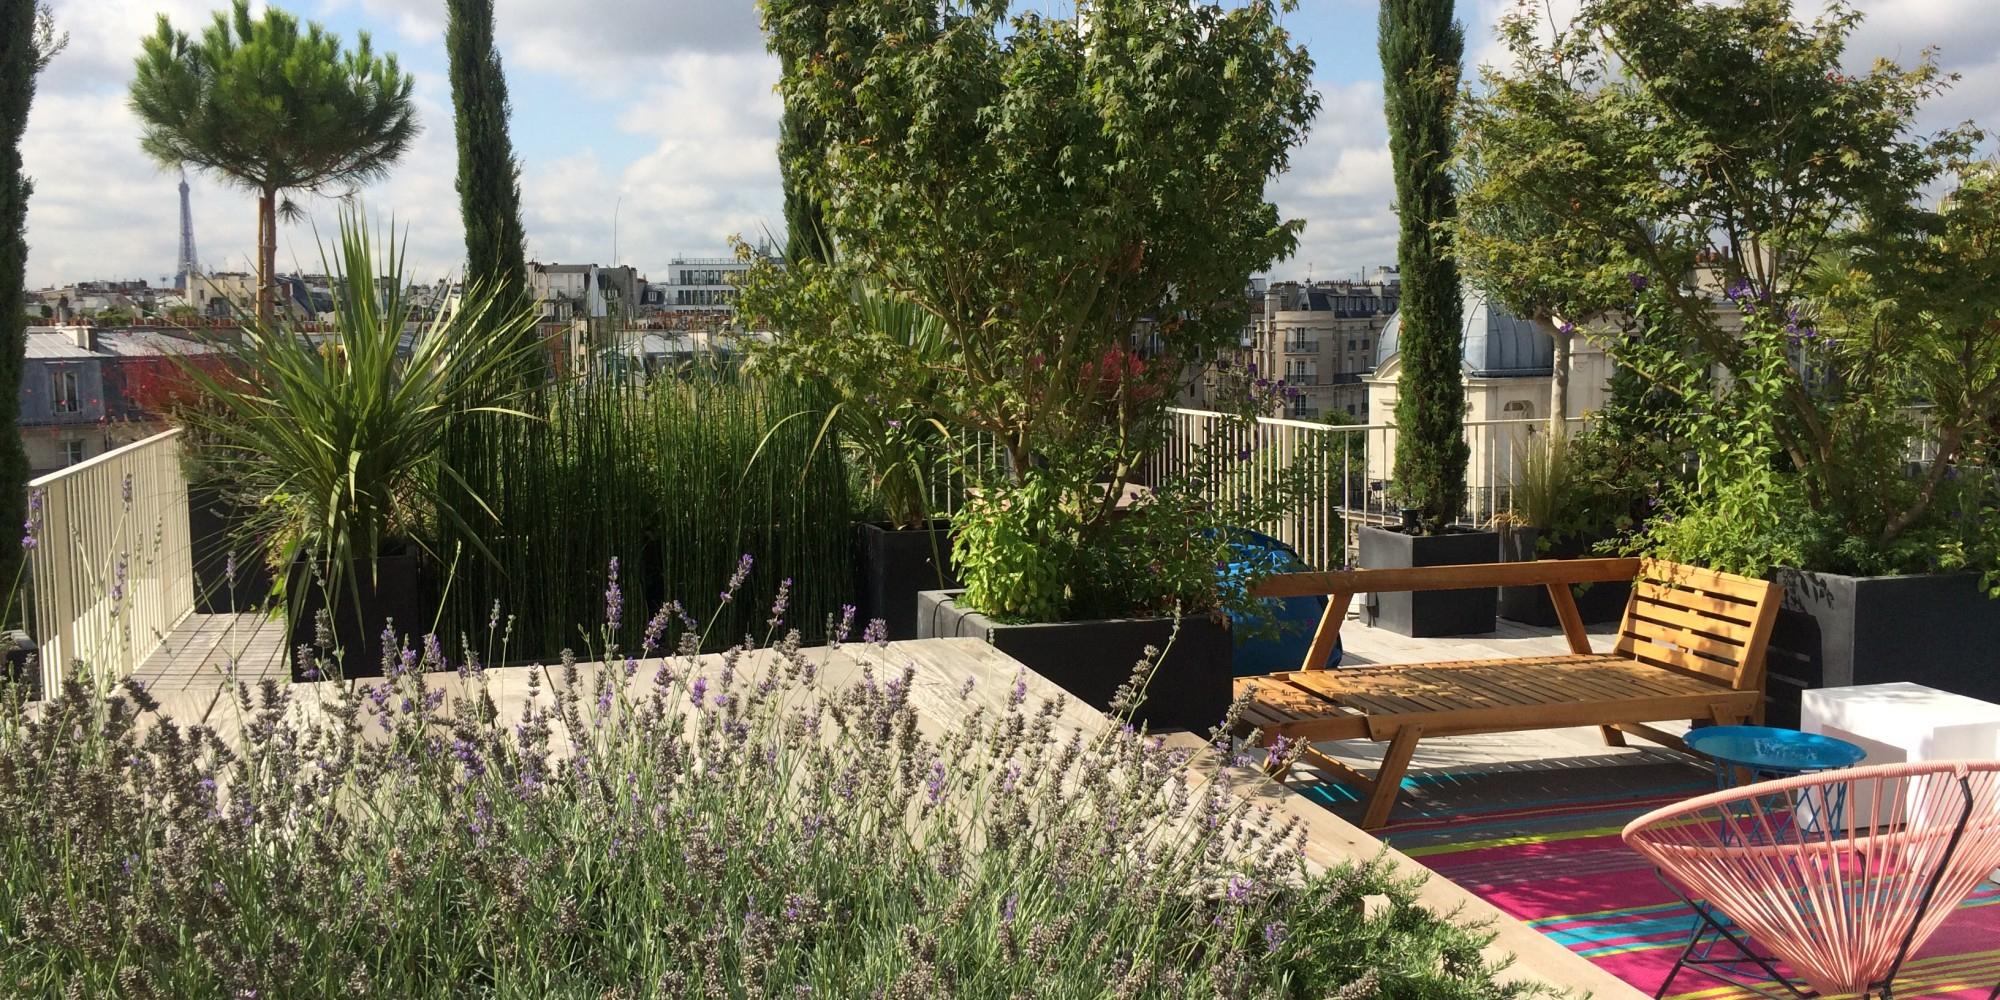 Urban-Green - Un Jardin À Vos Fenêtres, Paysagiste Paris dedans Abonnement L Ami Des Jardins